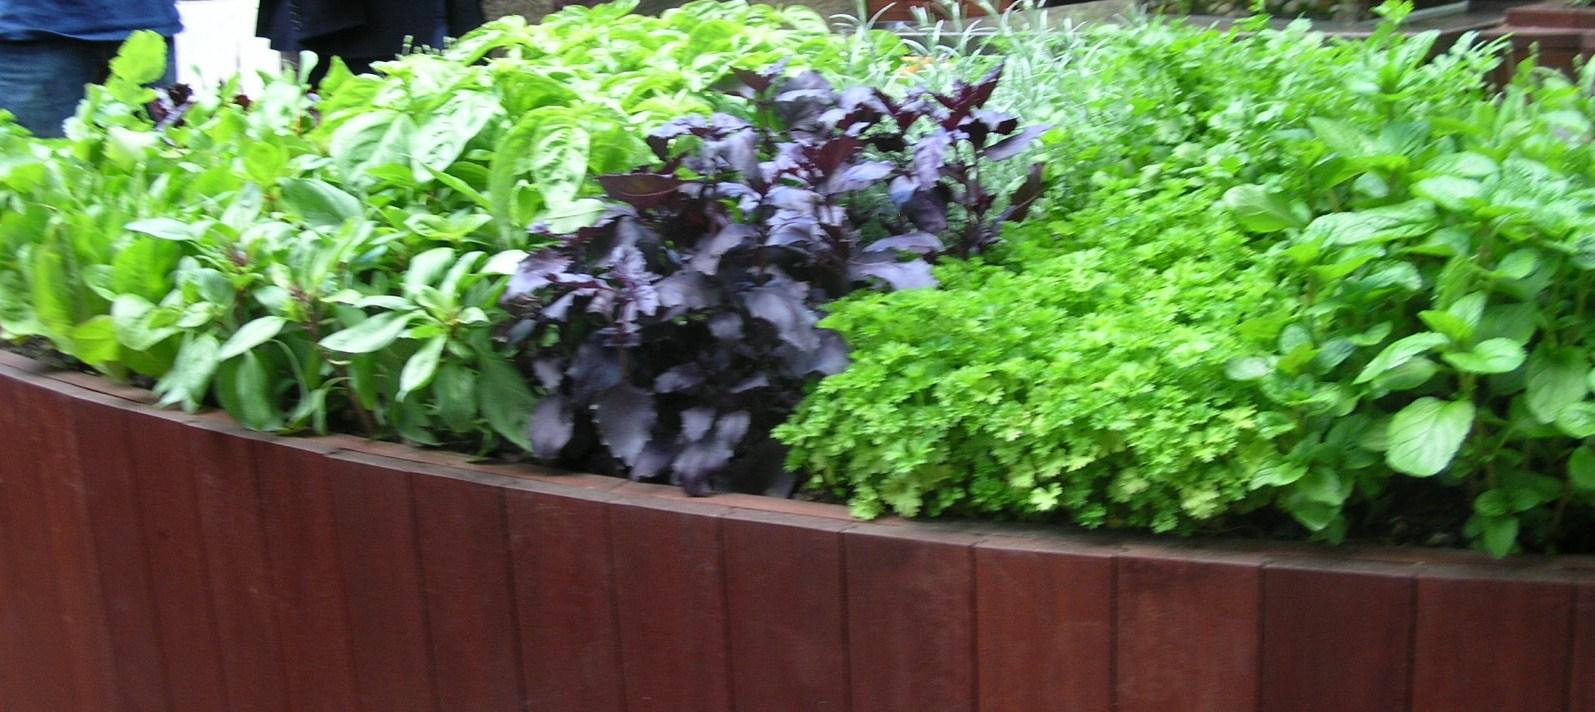 Ek gröna rum: 2010 12 12   2010 12 19